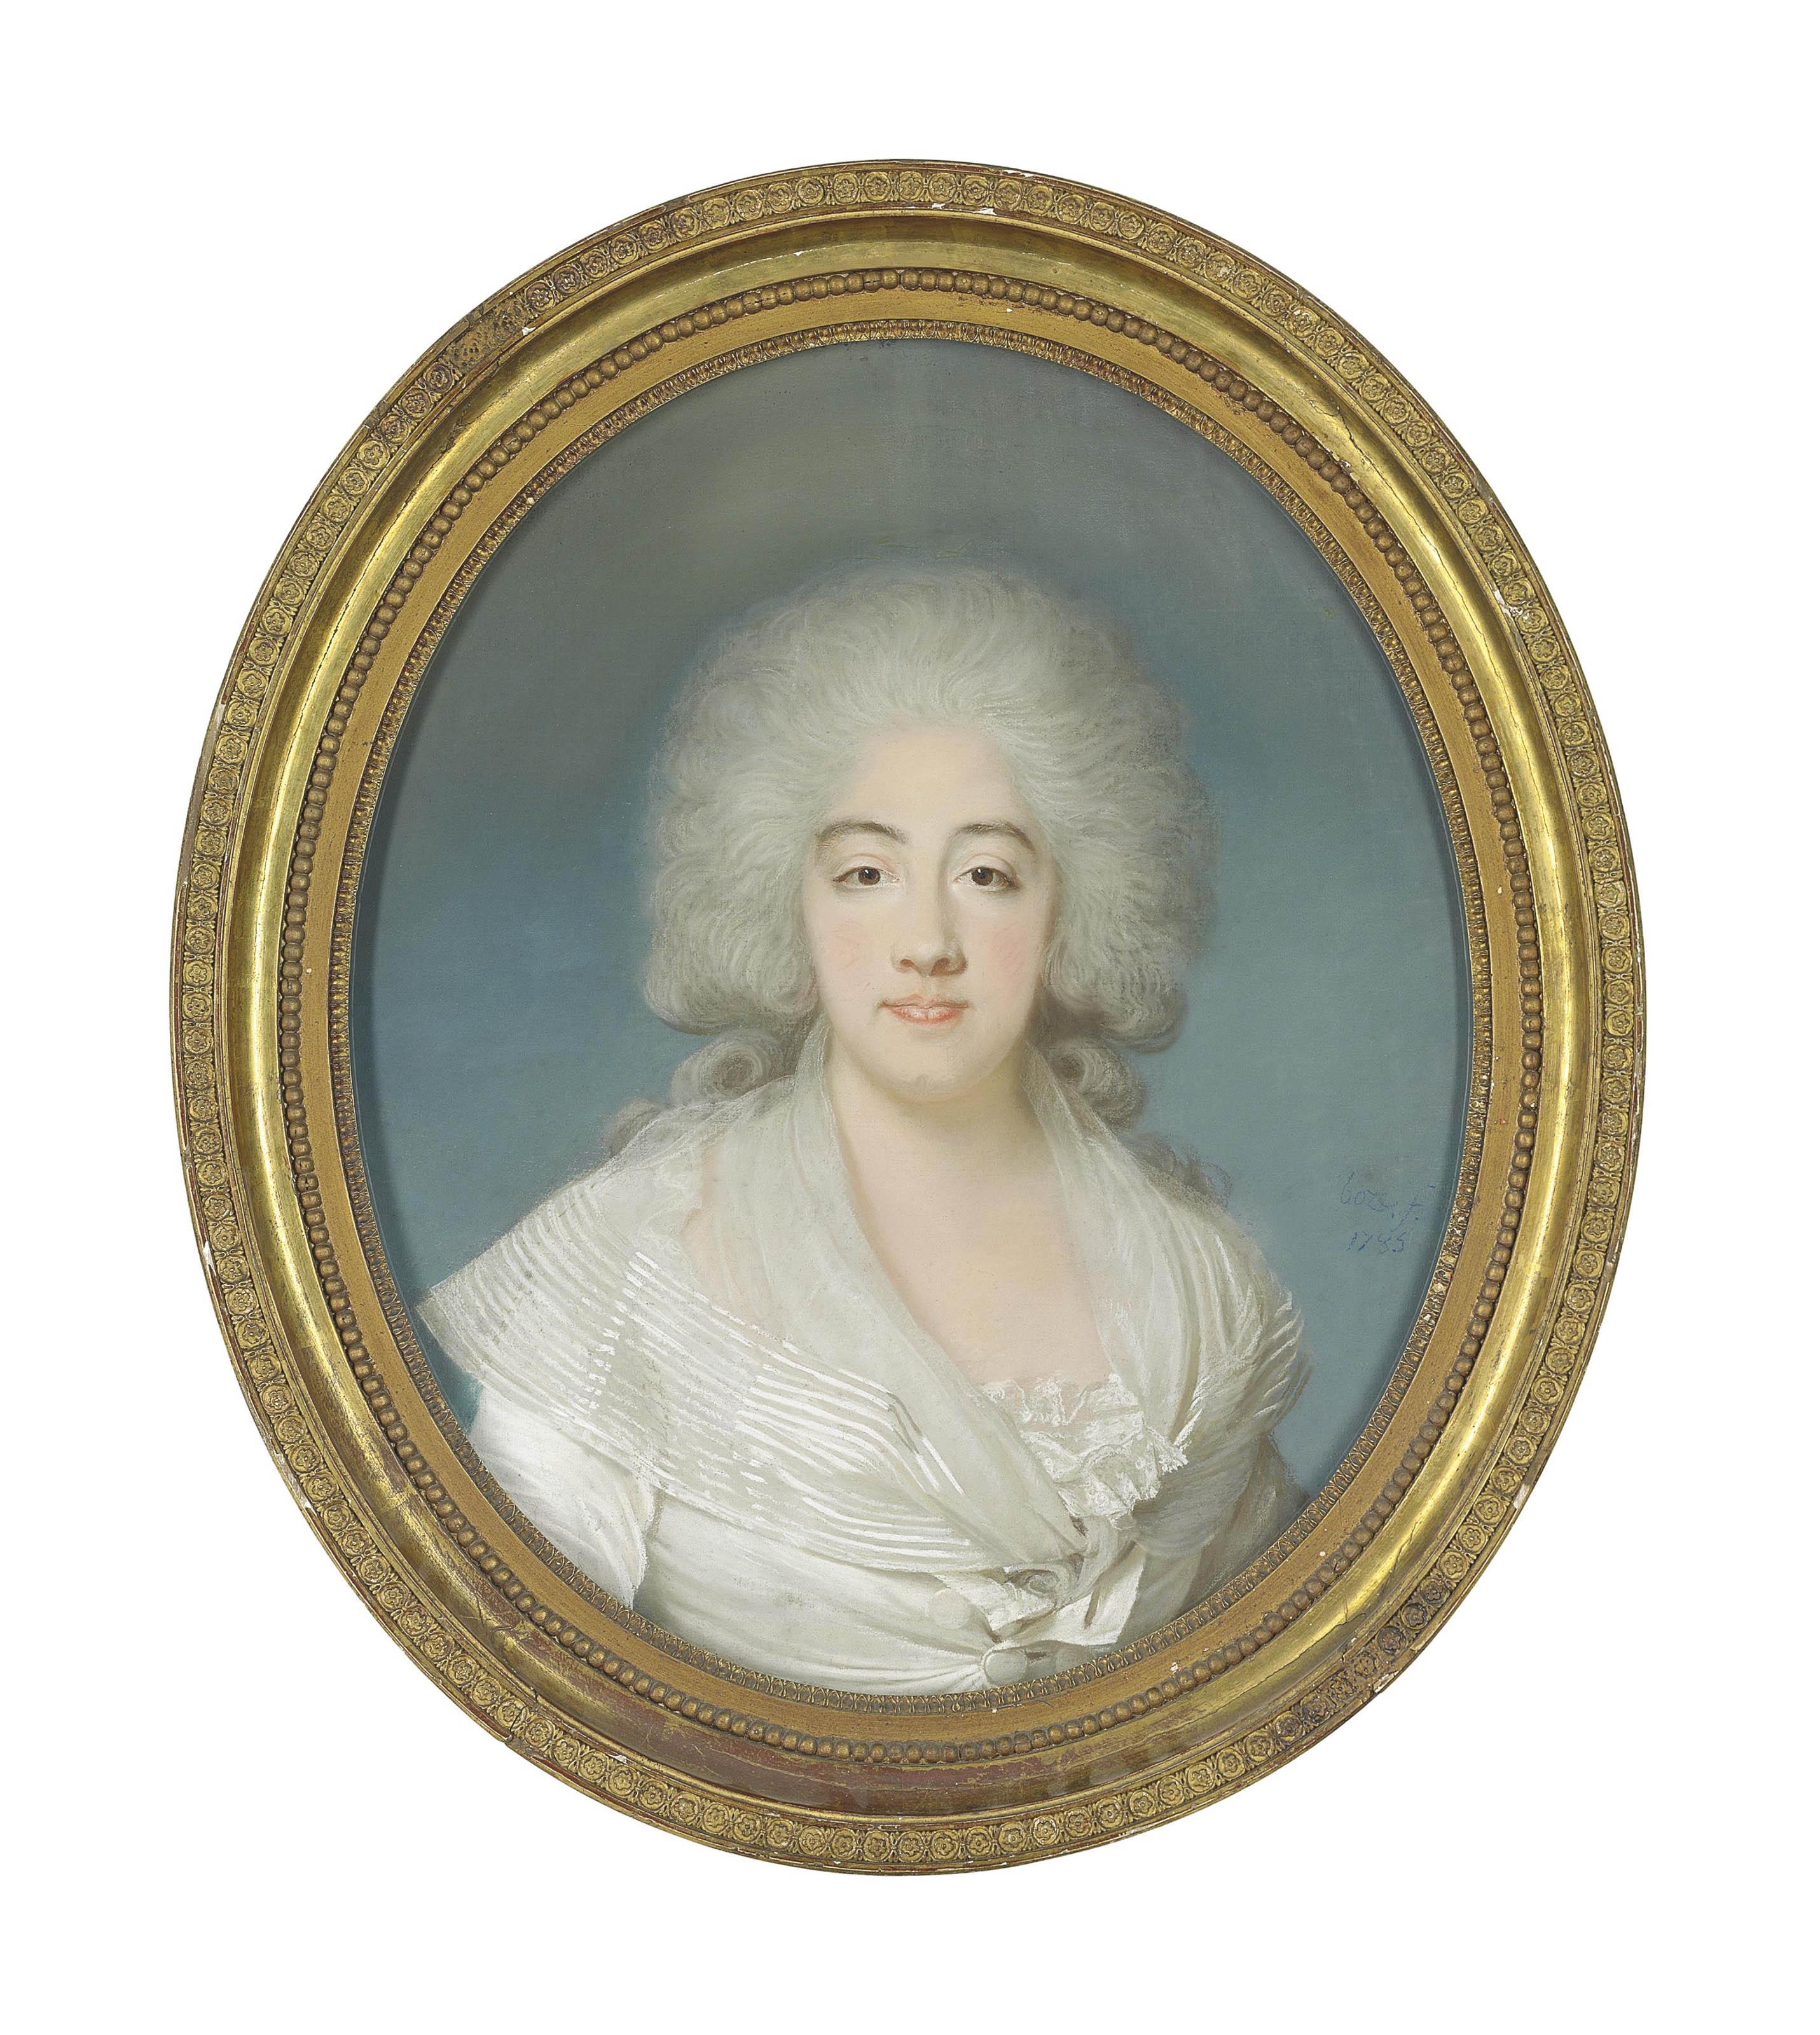 Portrait of Marie-Joséphine-Louise de Savoie, comtesse de Provence (1752-1810)